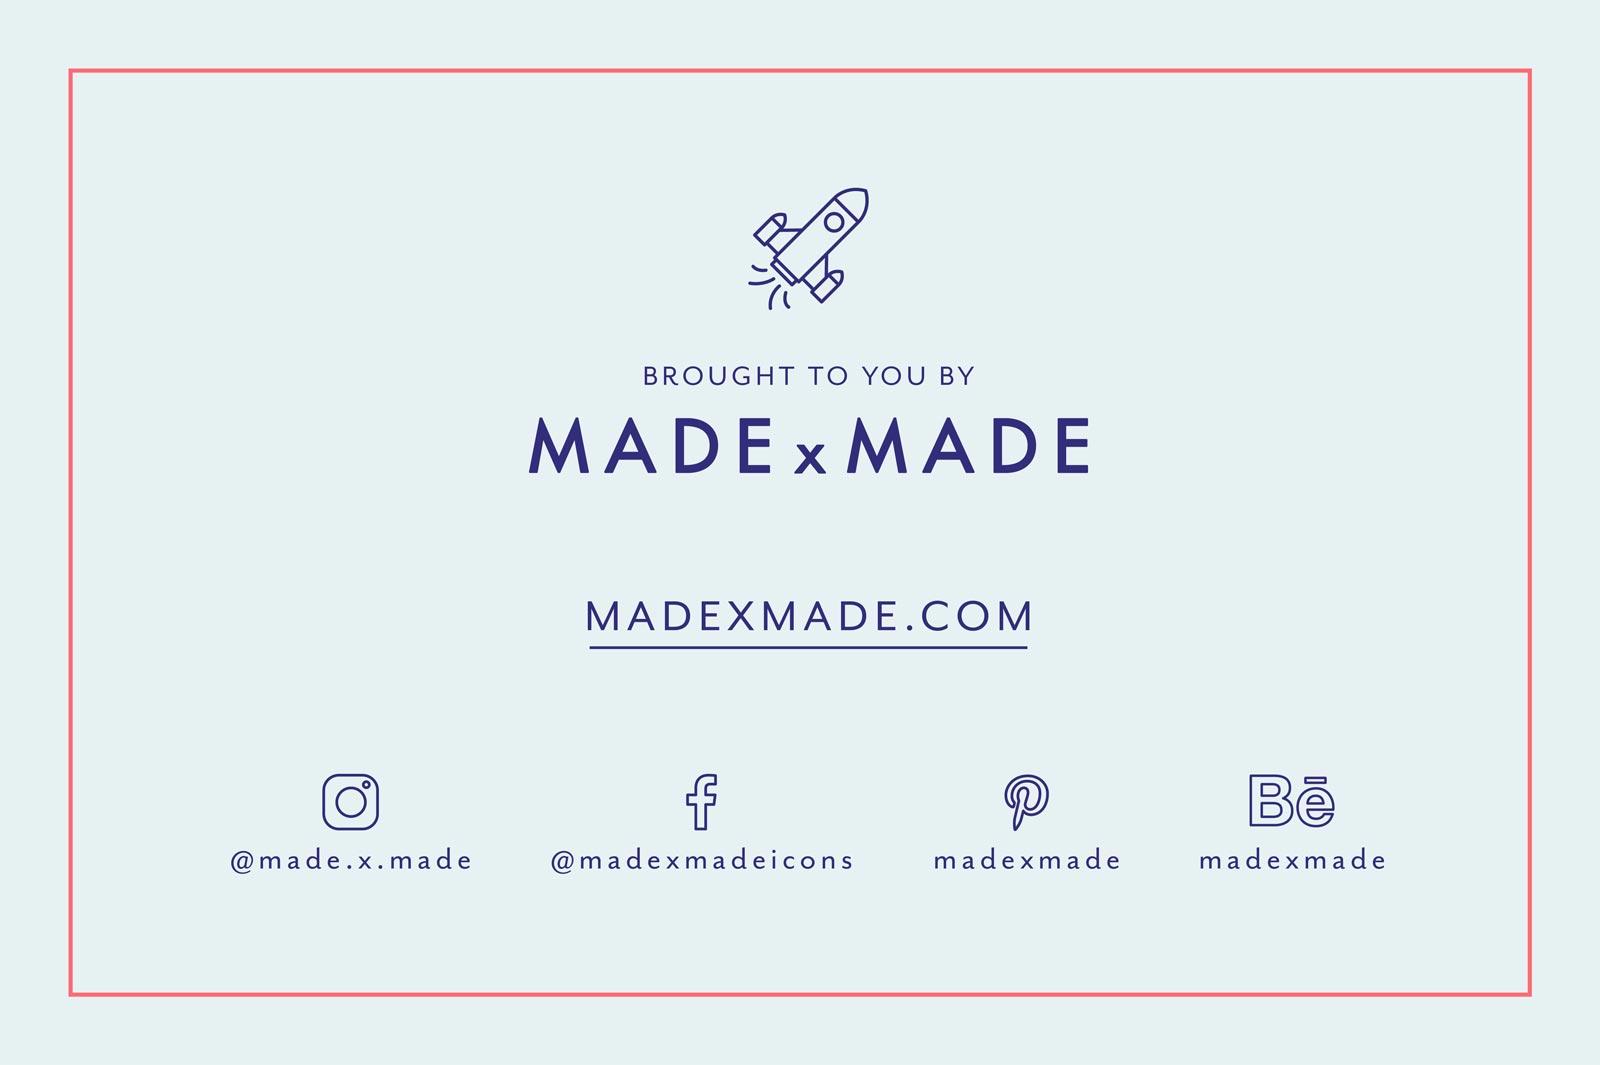 made x made vendor